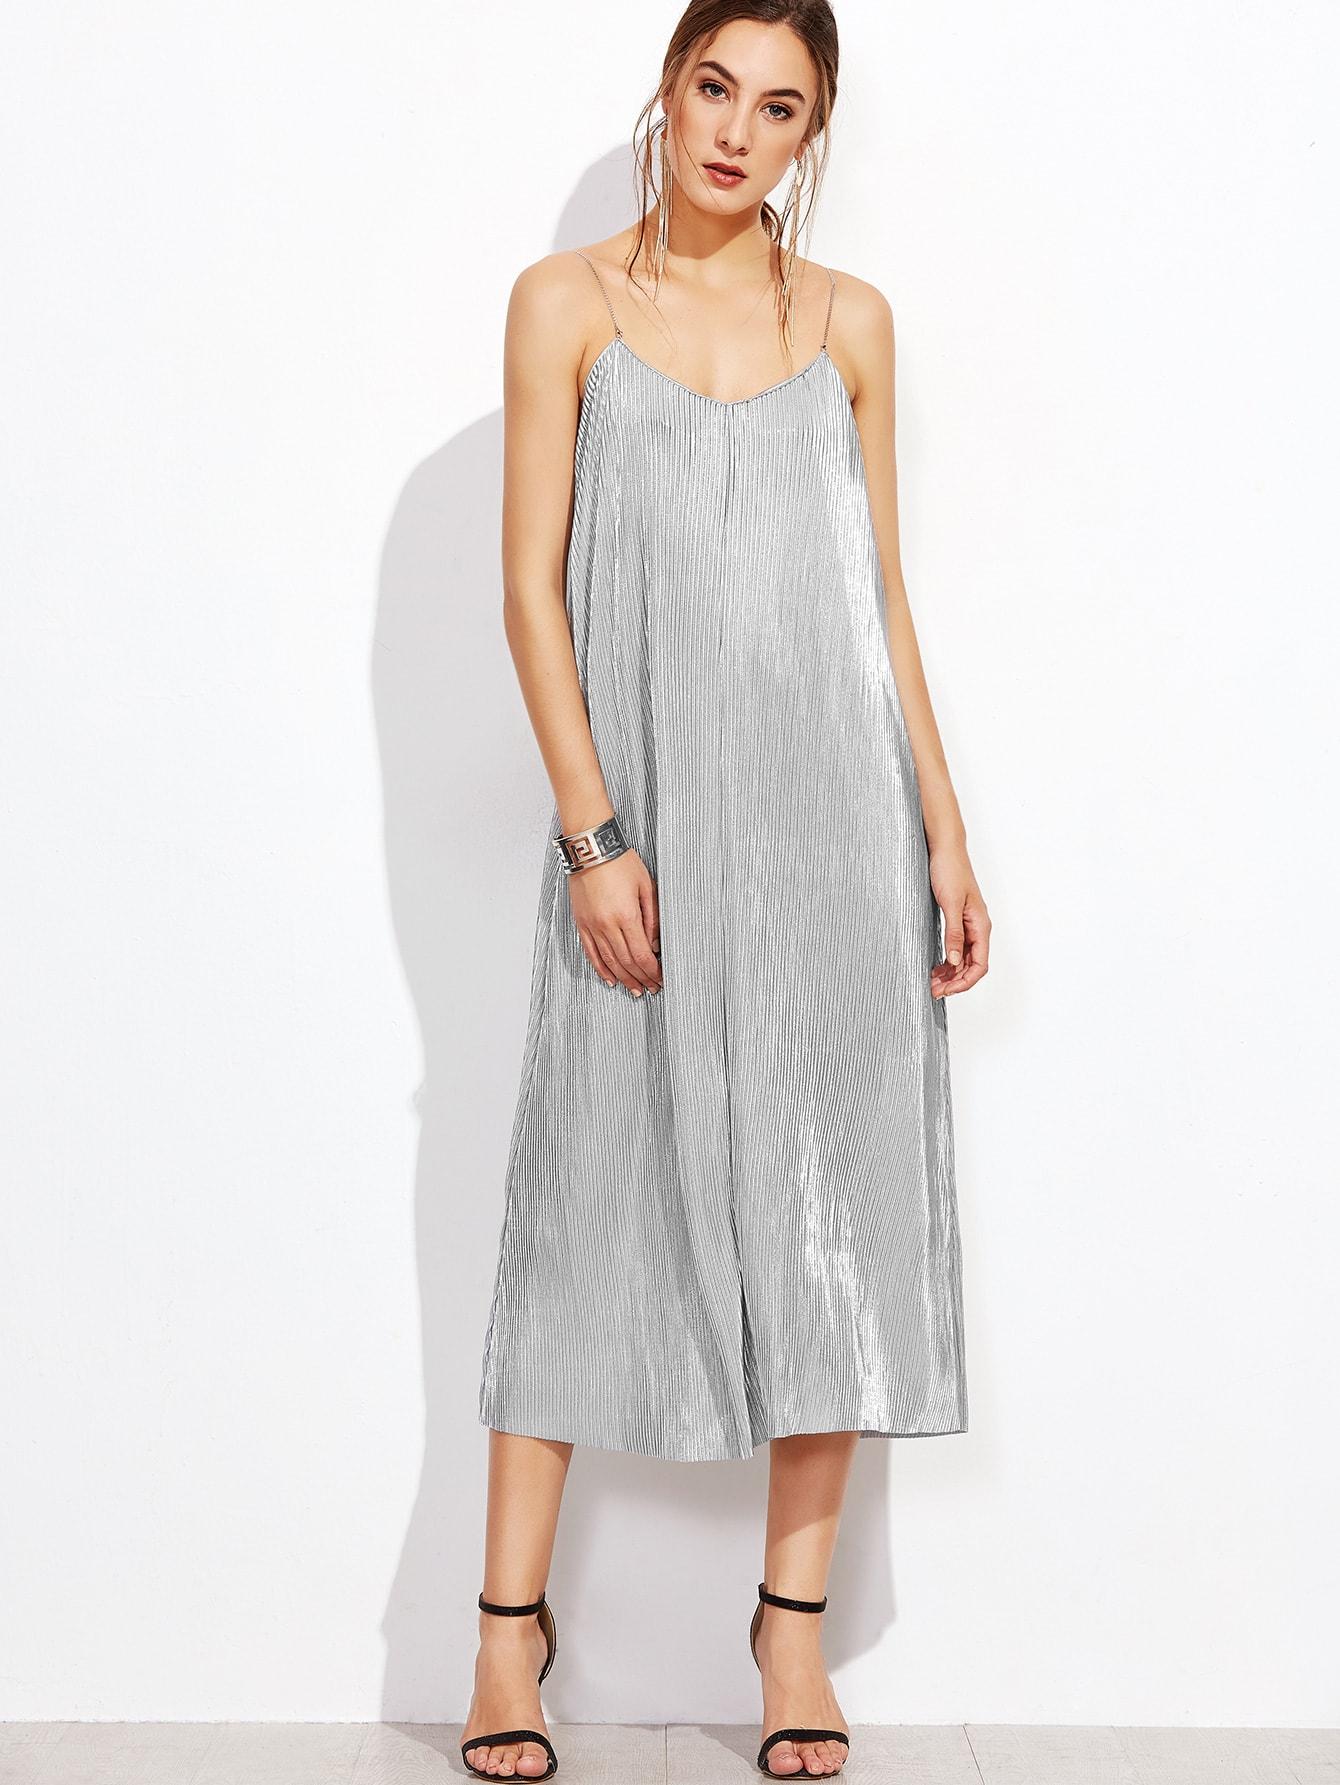 dress161014001_2